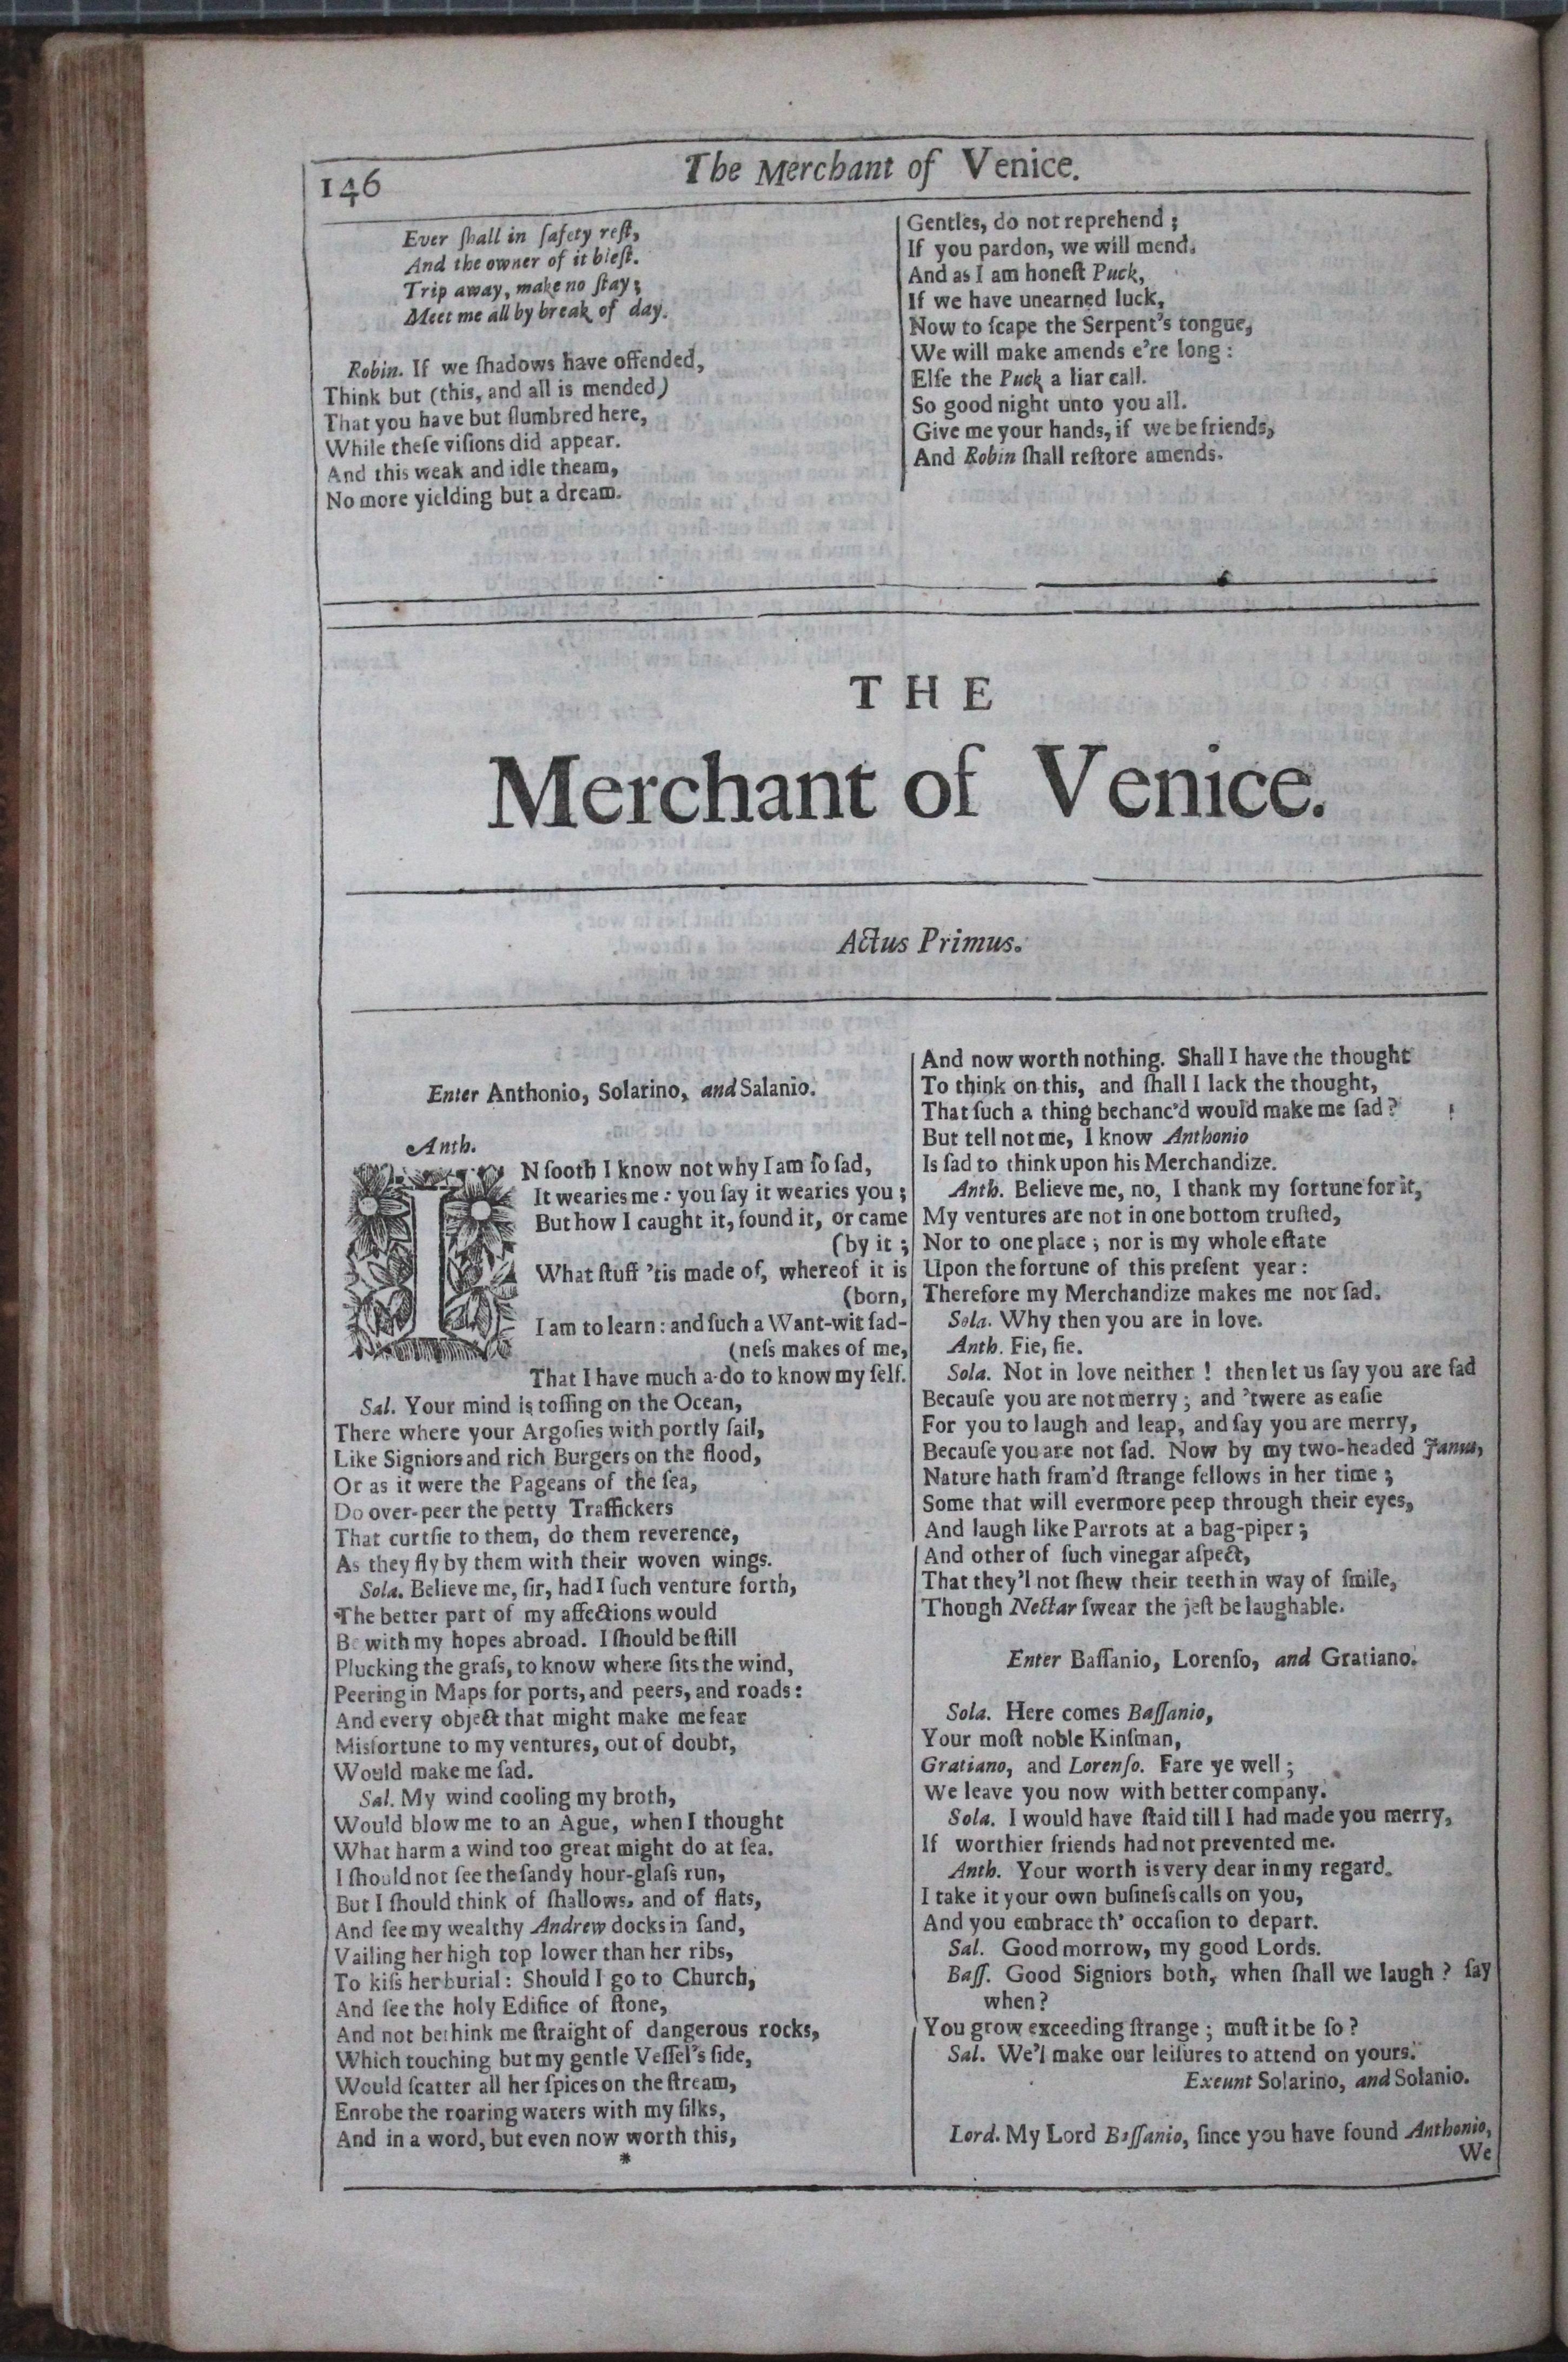 Thackeray.13_The Merchant of Venice